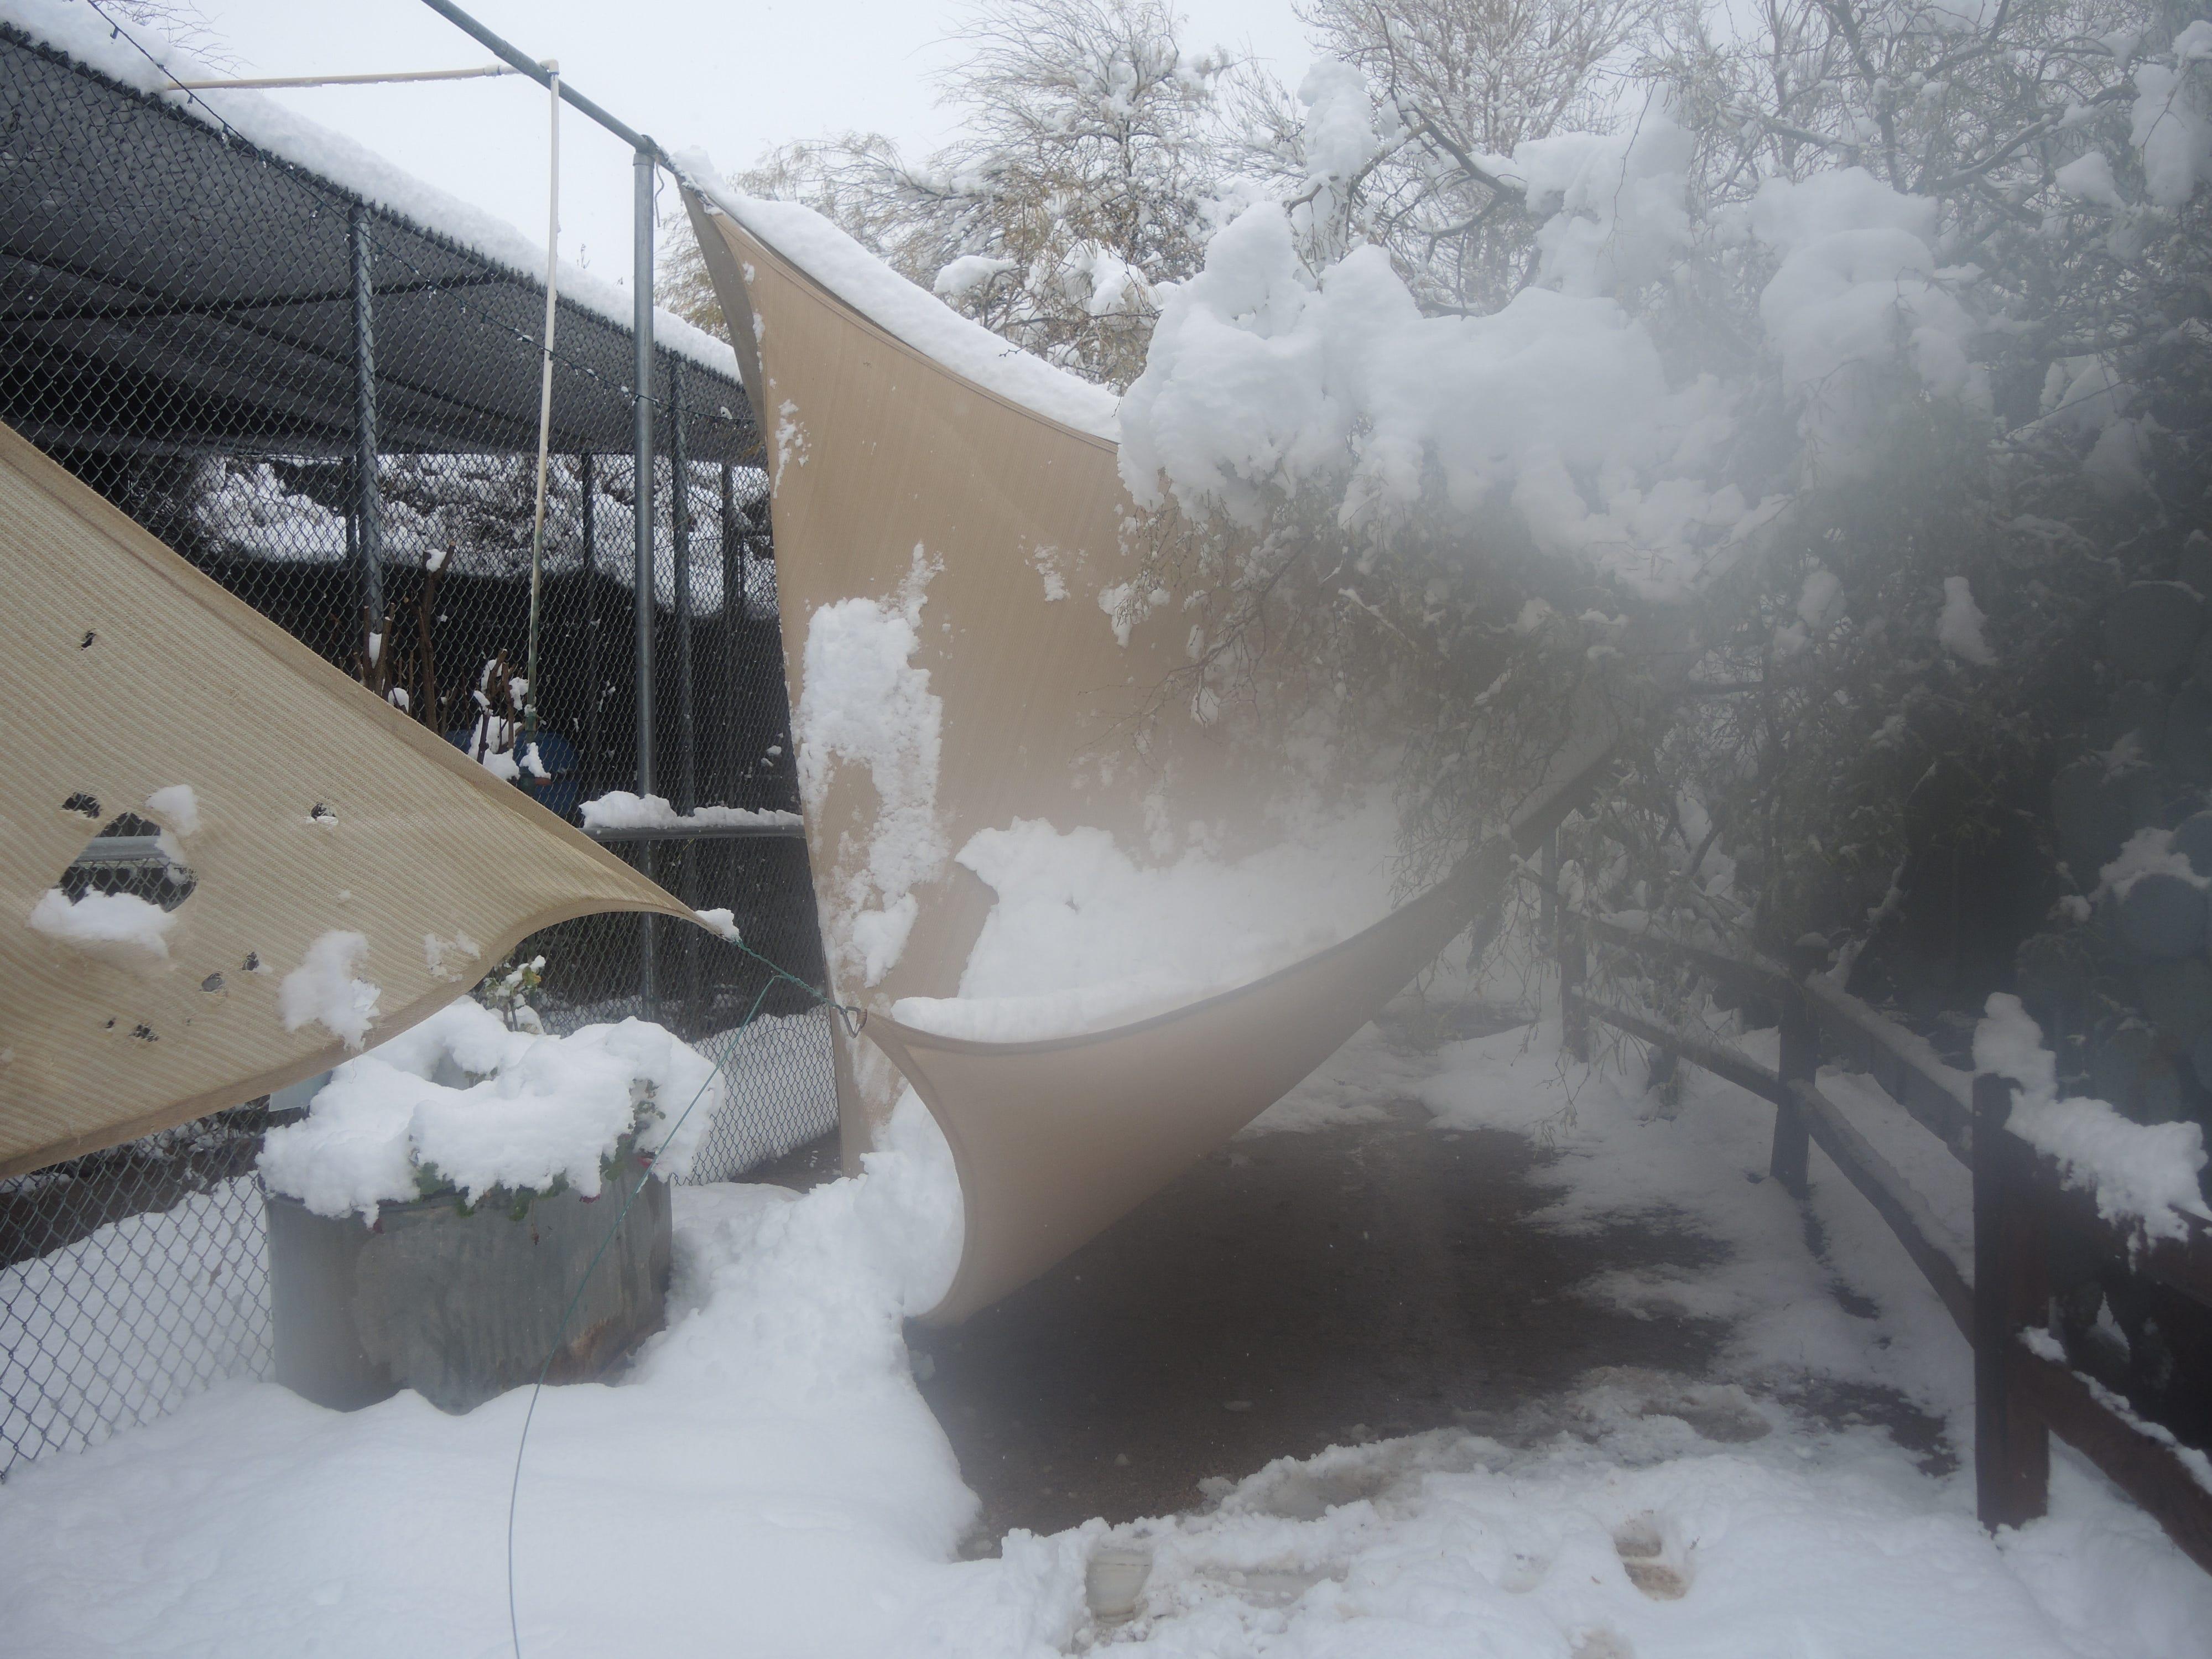 Damages at Southwest Wildlife Conservation Center